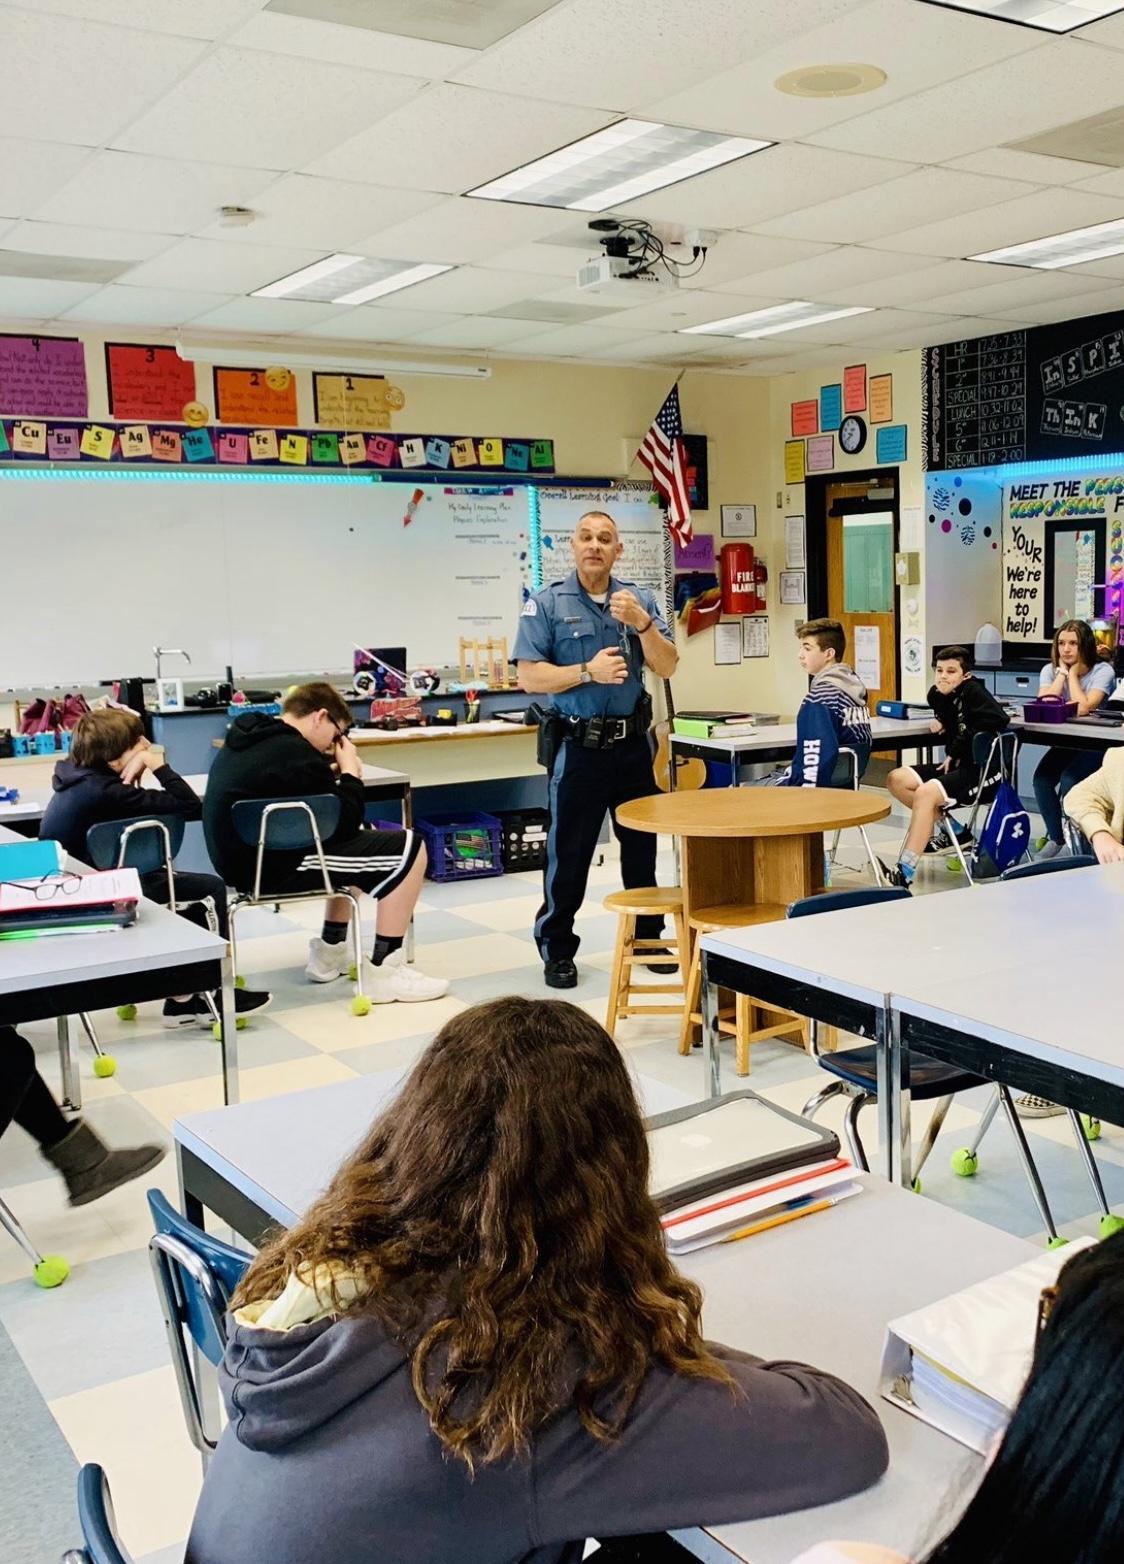 Officer Joe talks to the class.